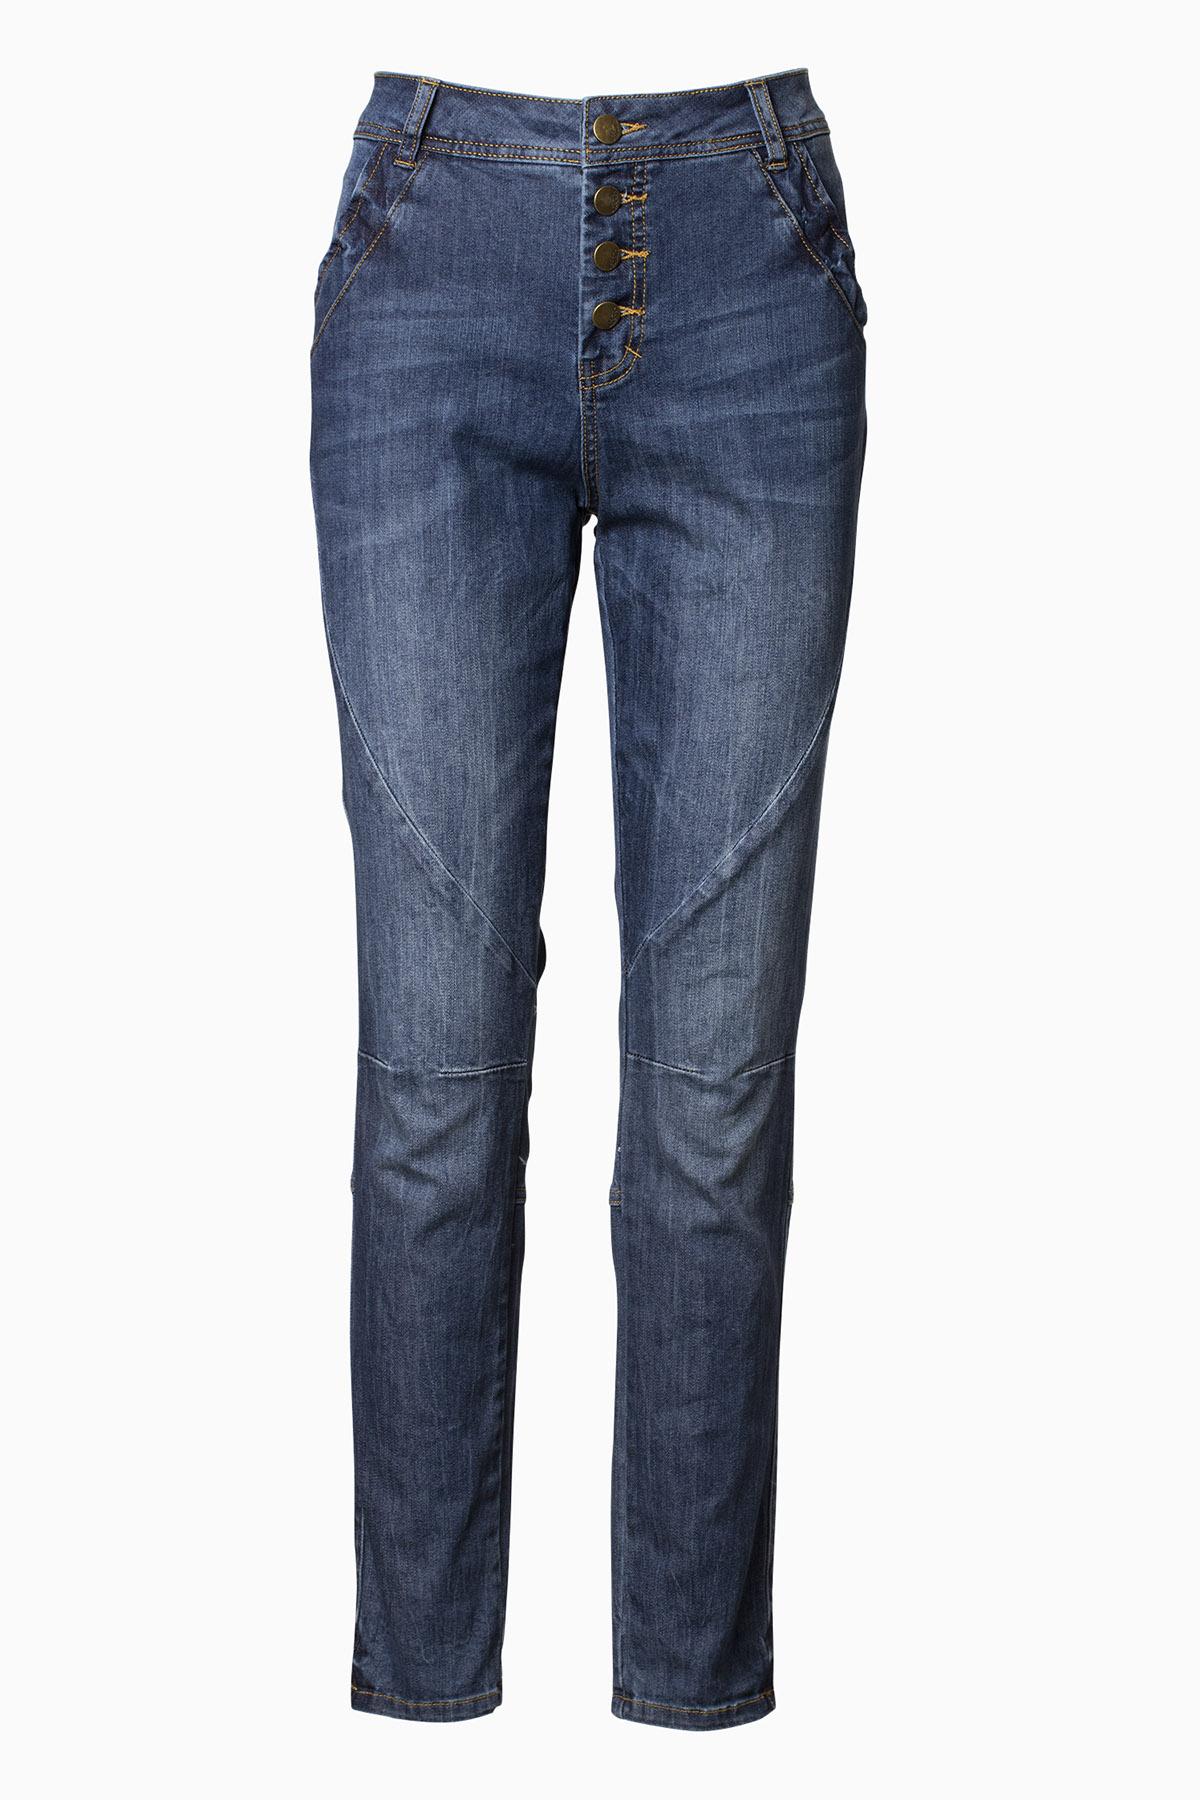 Marinblå Jeans från Bon'A Parte – Köp Marinblå Jeans från stl. 34-54 här